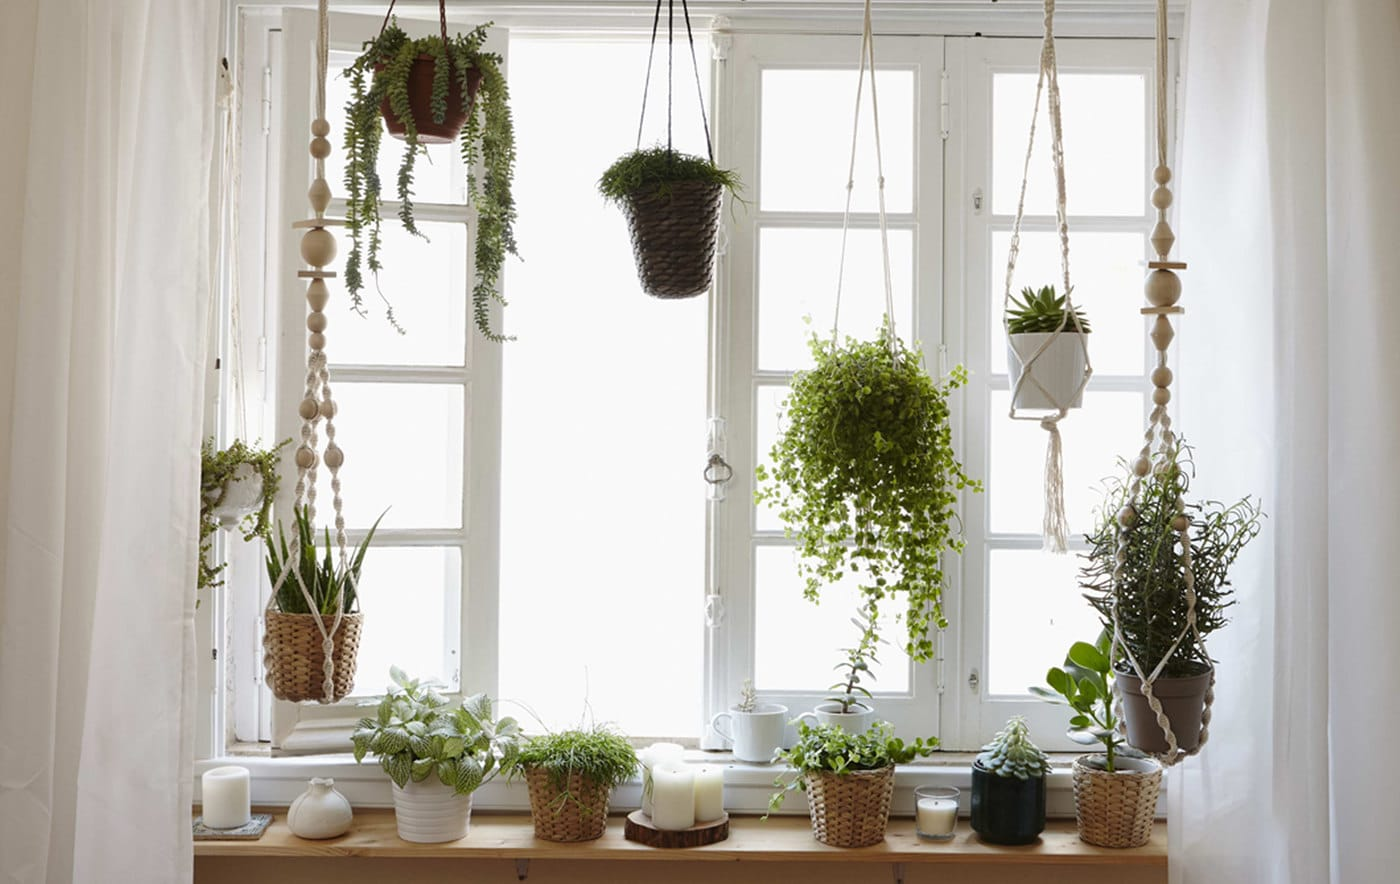 Jardinière À Suspendre Ikea visite guidée: fenêtre-jardin - ikea